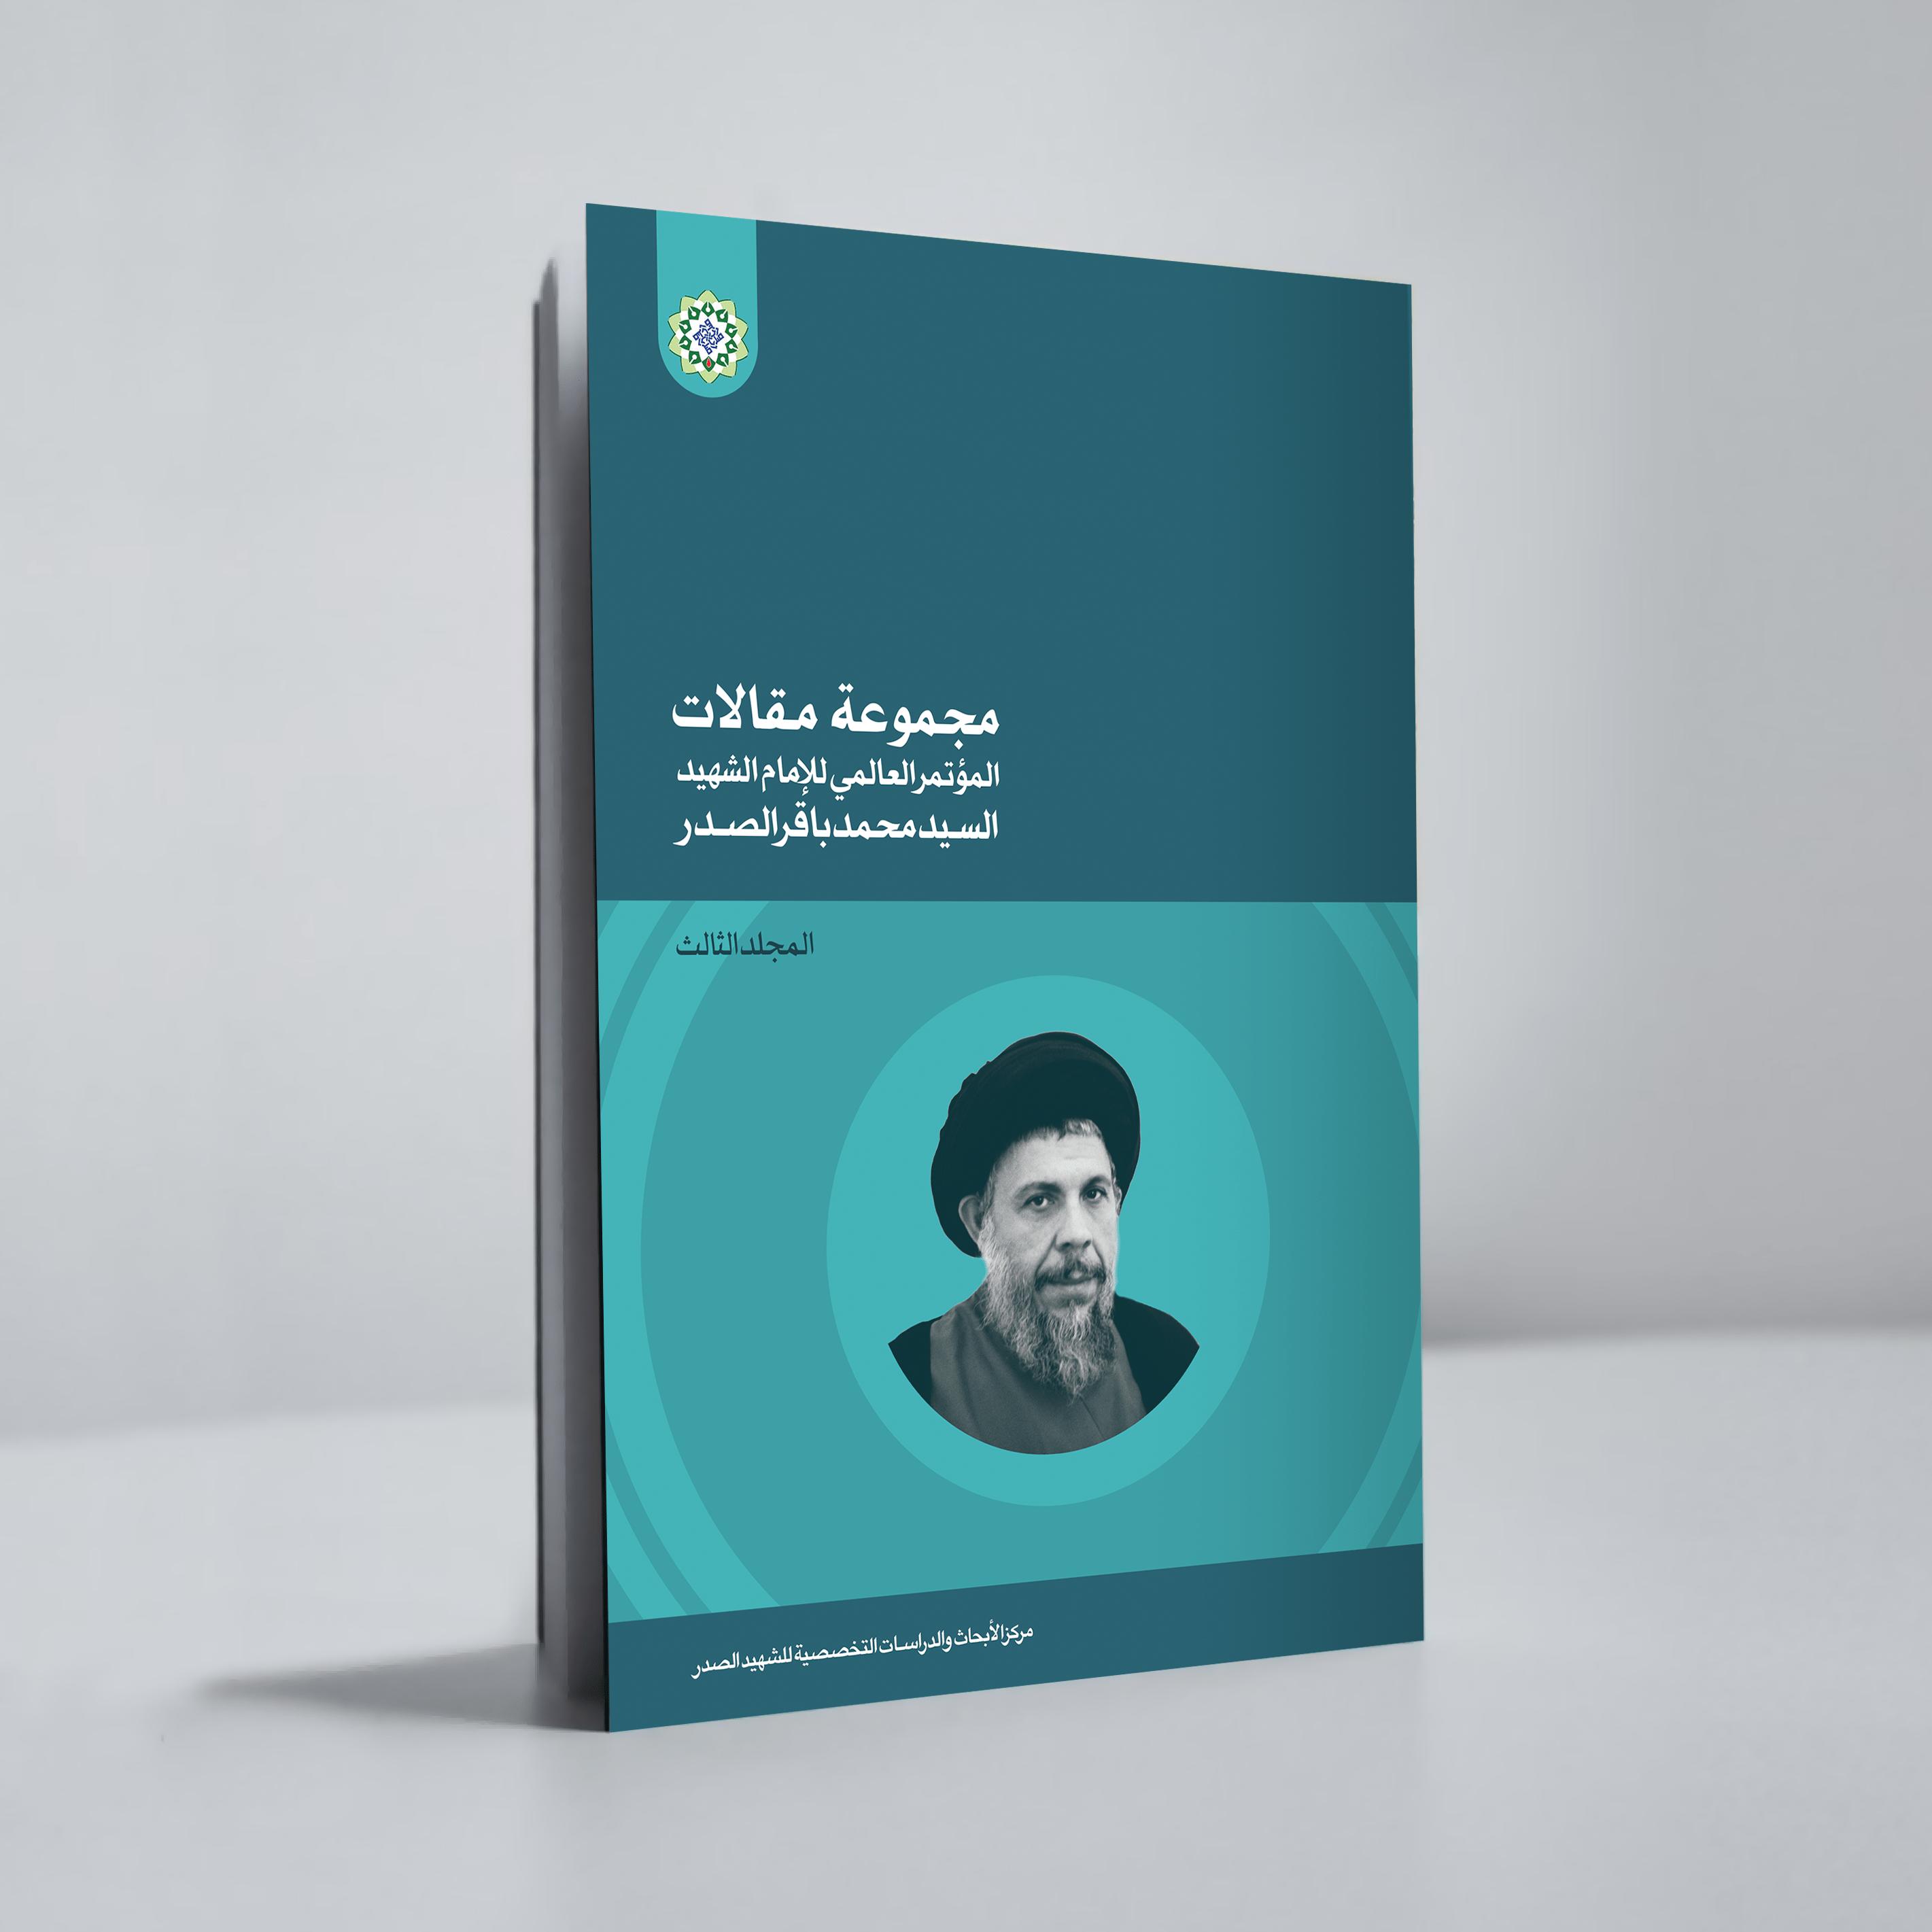 مجموعة مقالات المؤتمر العالمي للإمام الشهيد السيد محمد باقر الصدر(١ـ۴)